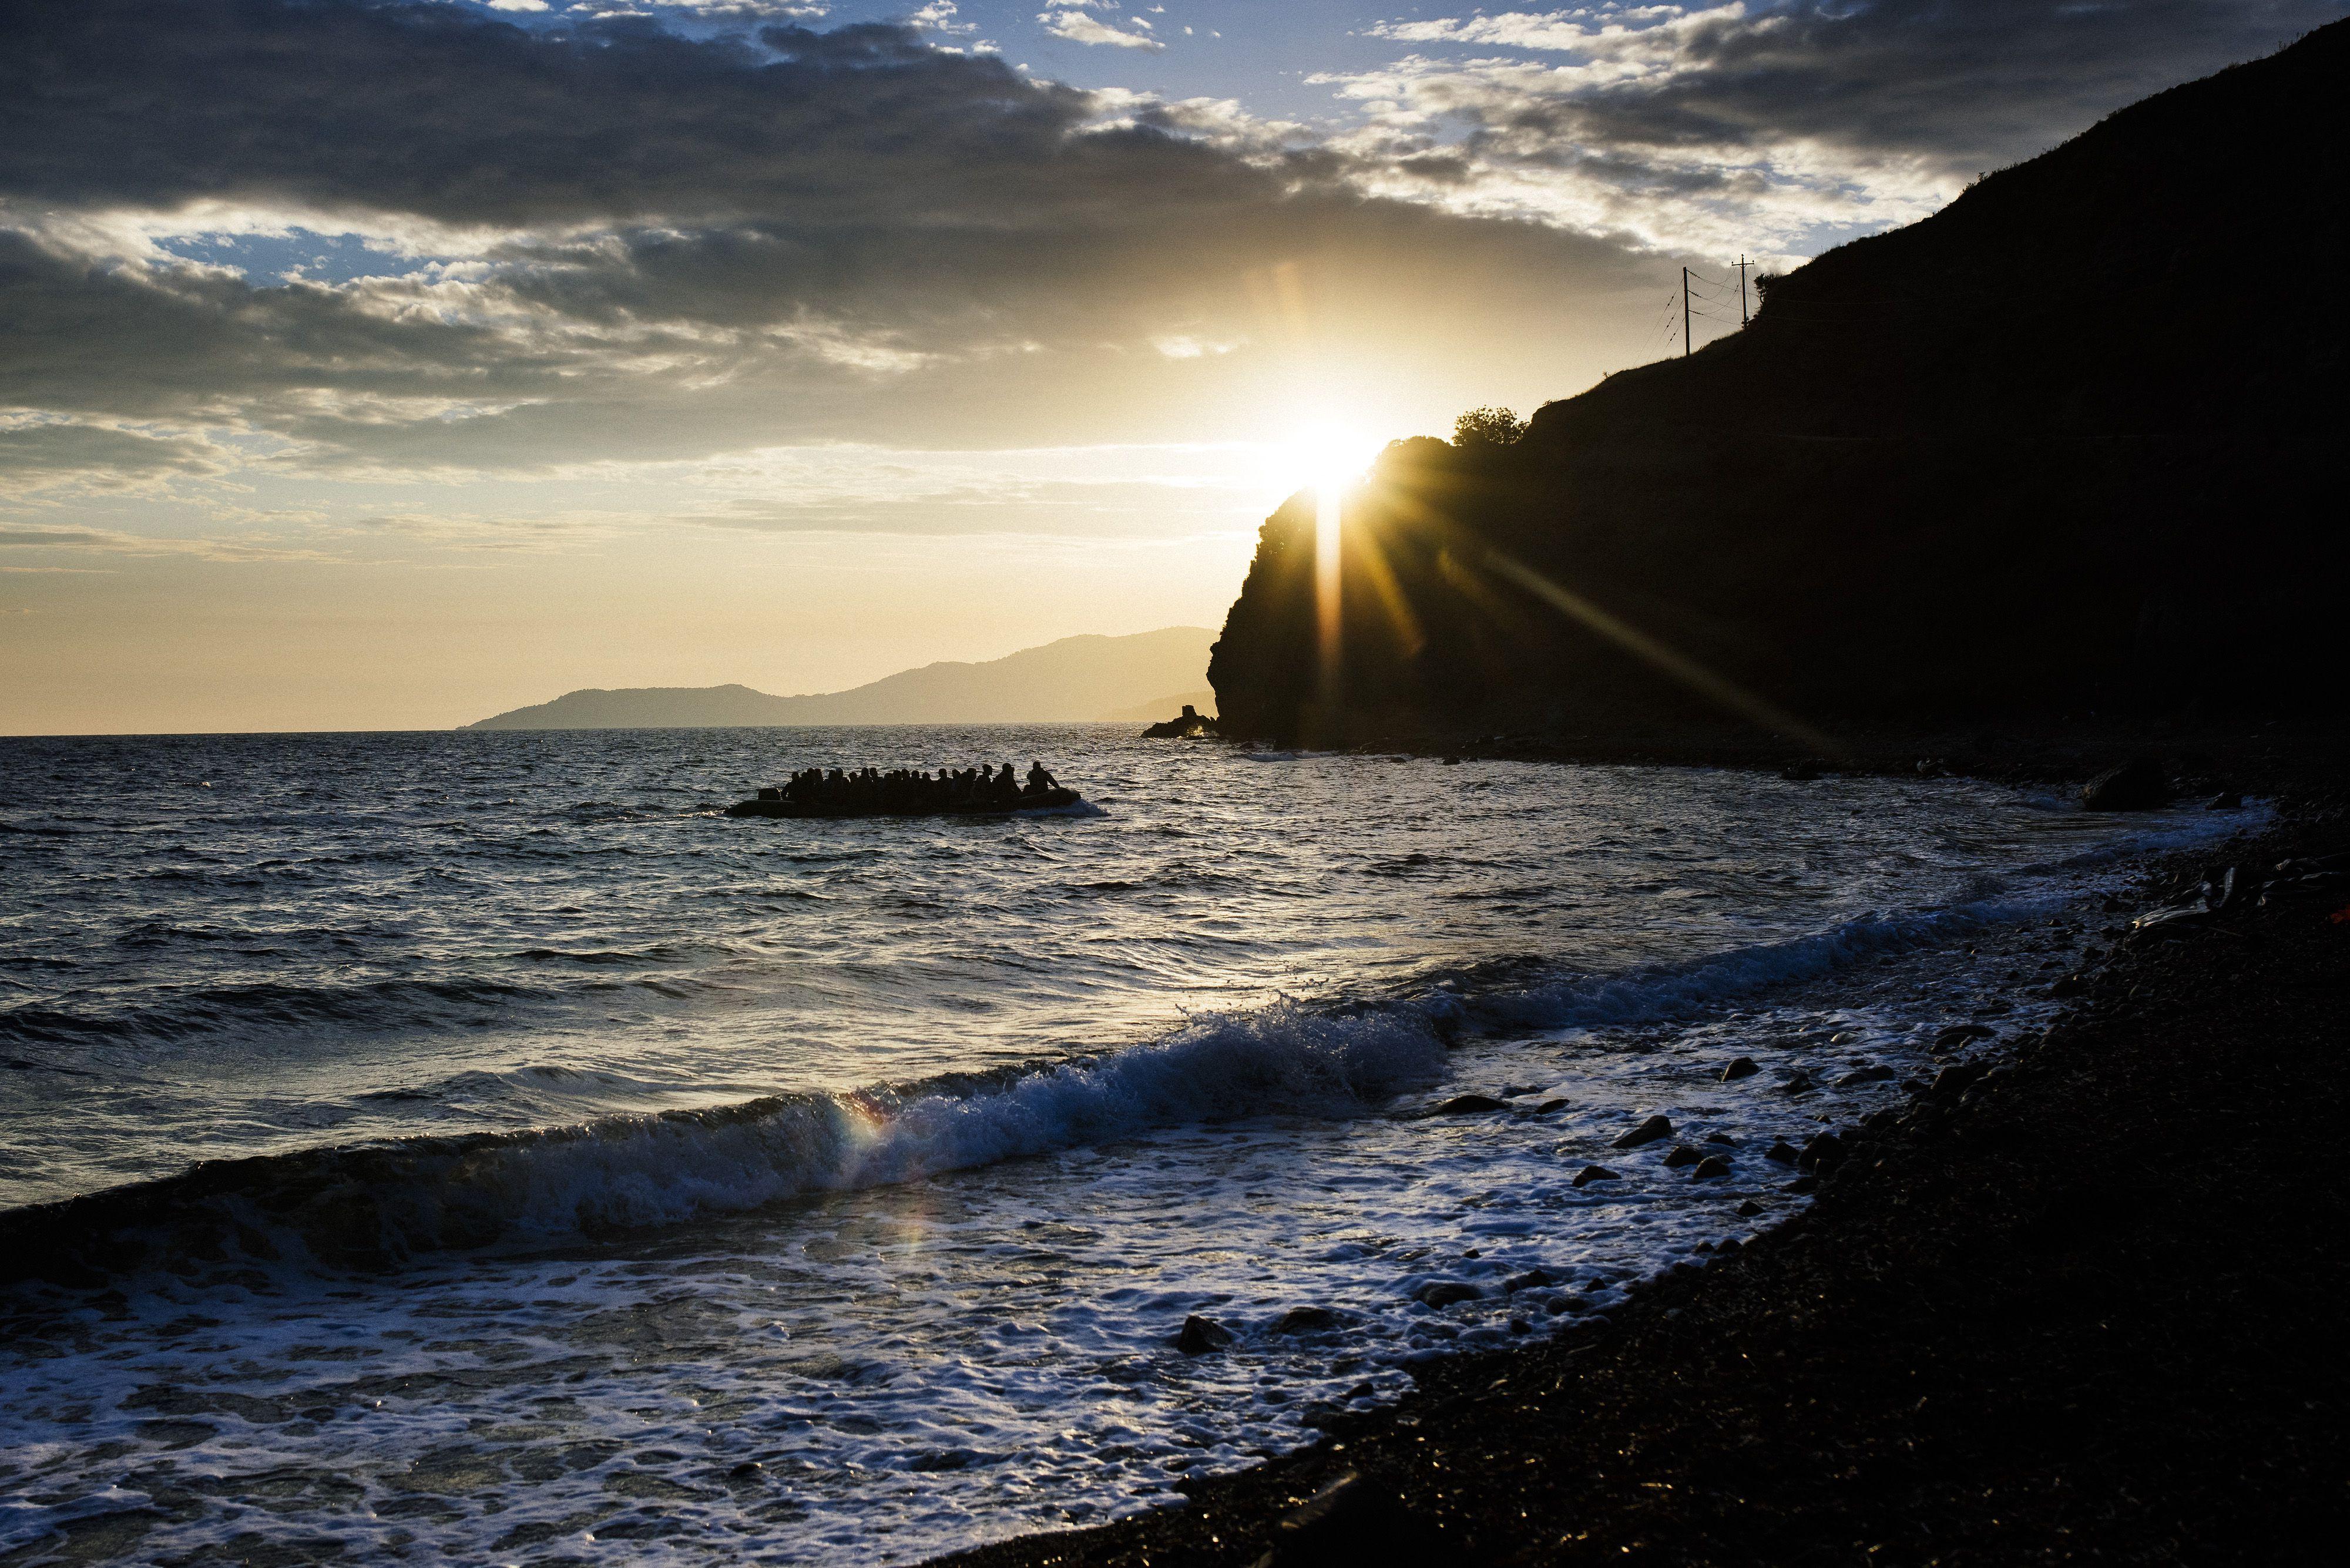 Inmigrantes llegan en barco en la isla griega de Lesbos después de cruzar el mar Egeo  AFP 162